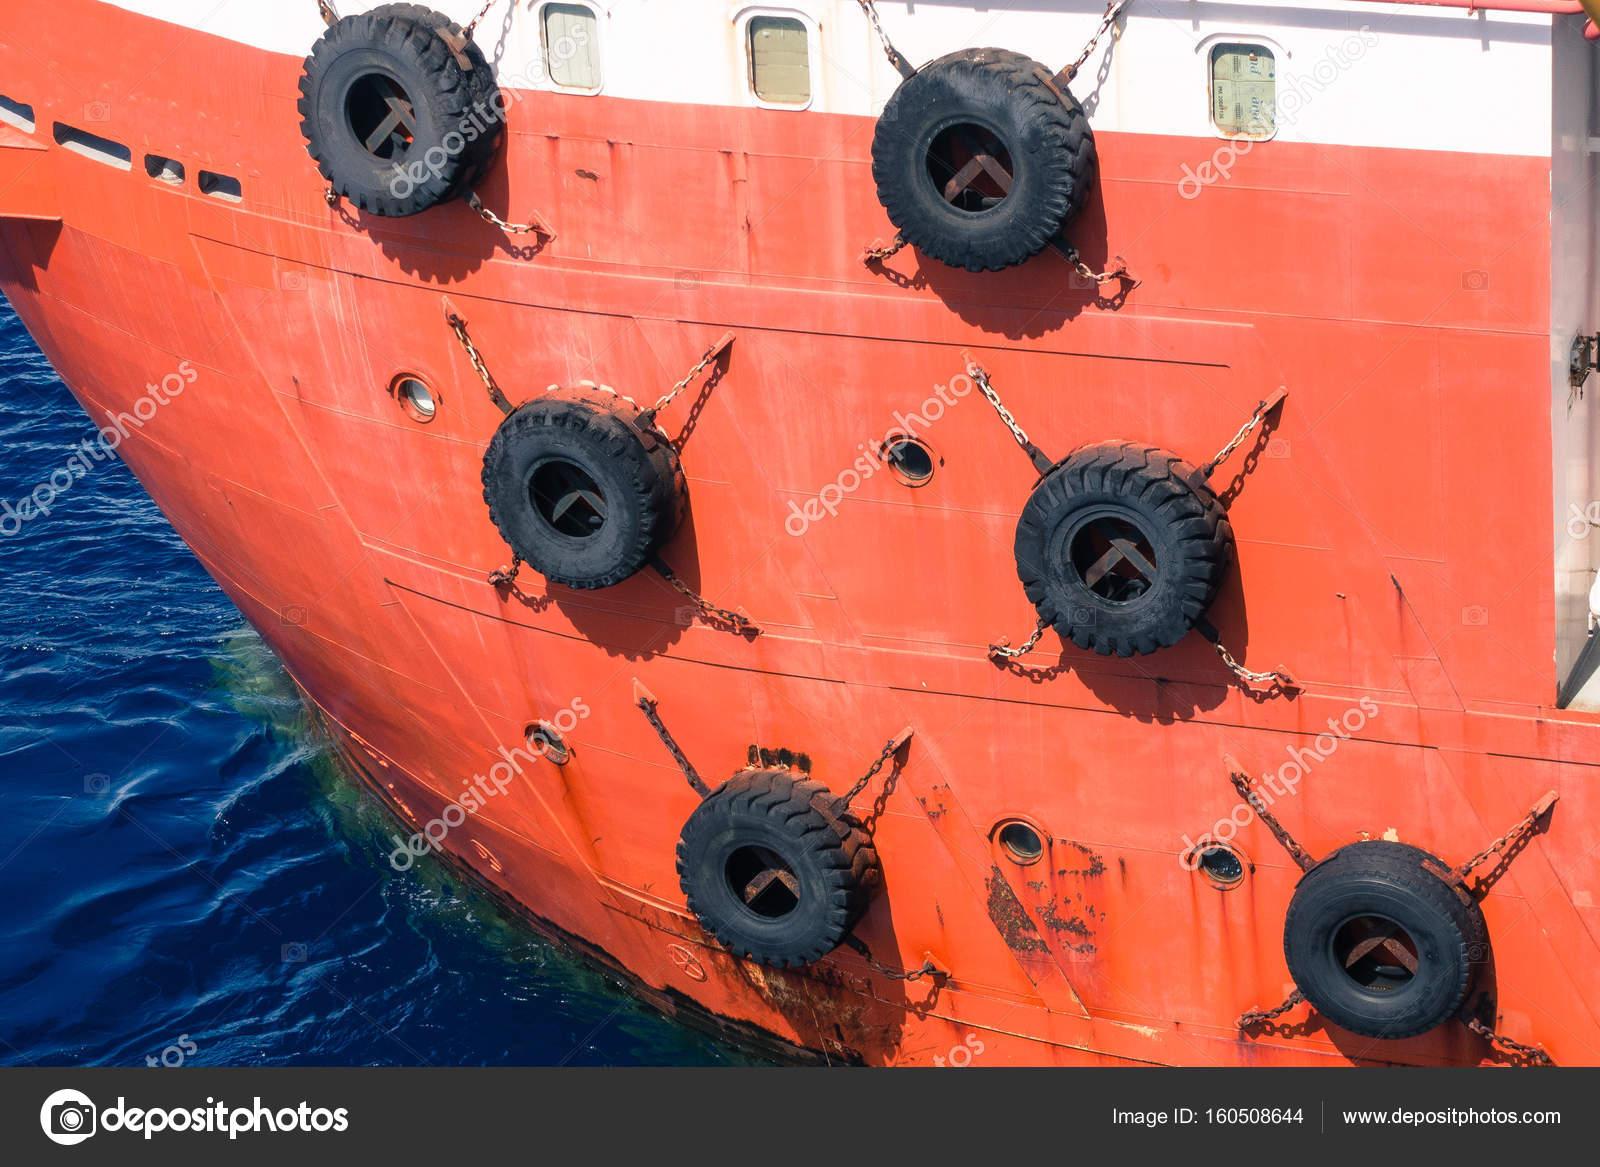 Wiersz Z Czarnego Samochodu Opony Używane Jako łódź Zderzaki